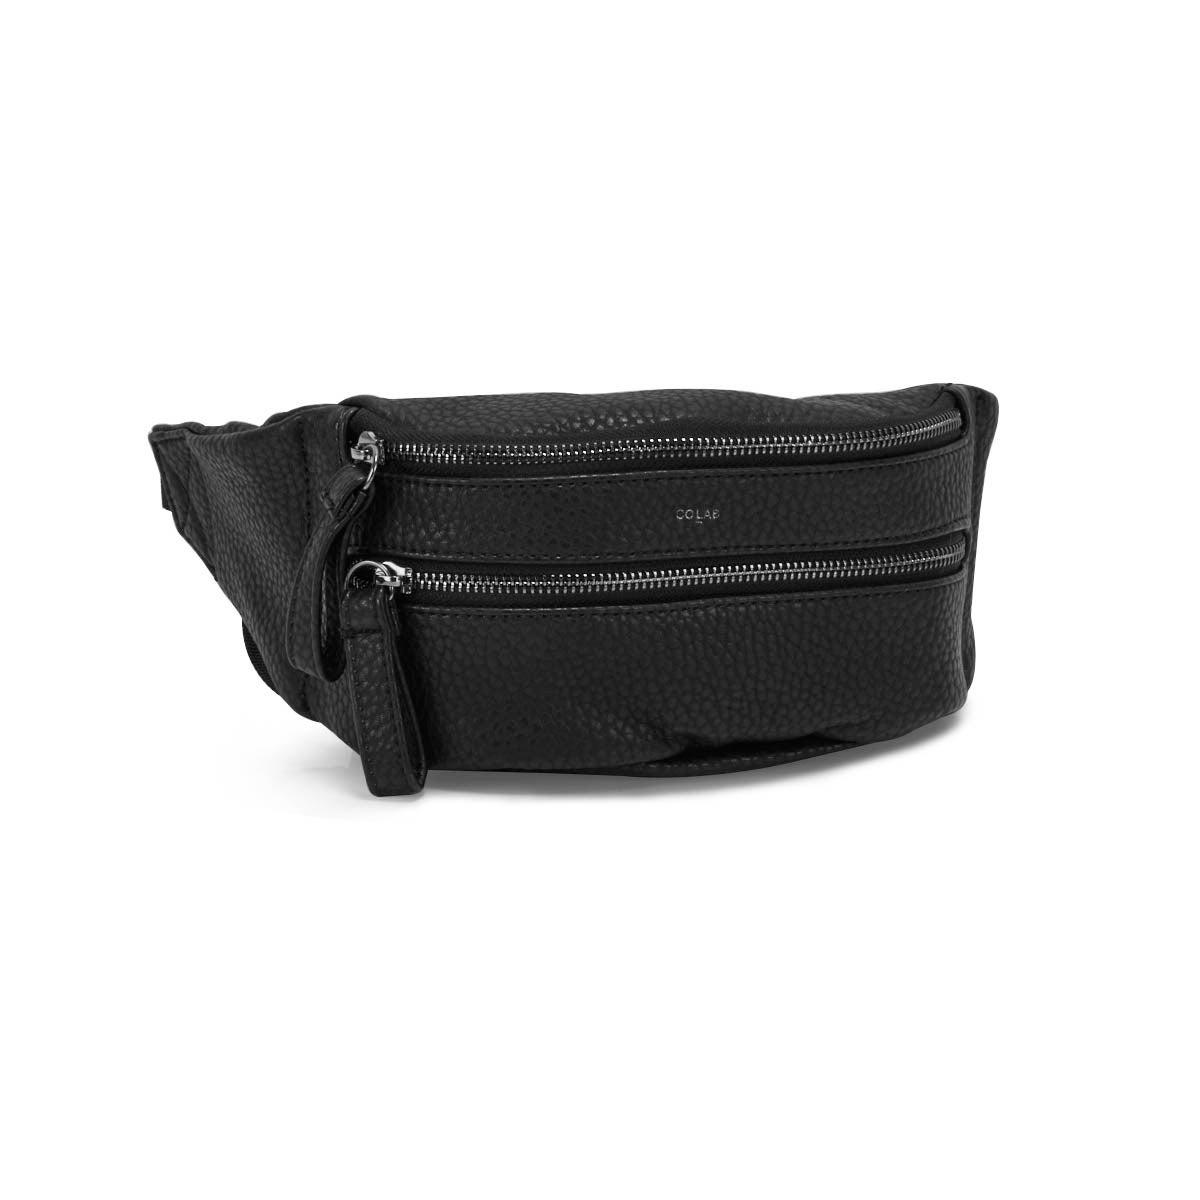 Lds blk pebble adjustable waist pouch